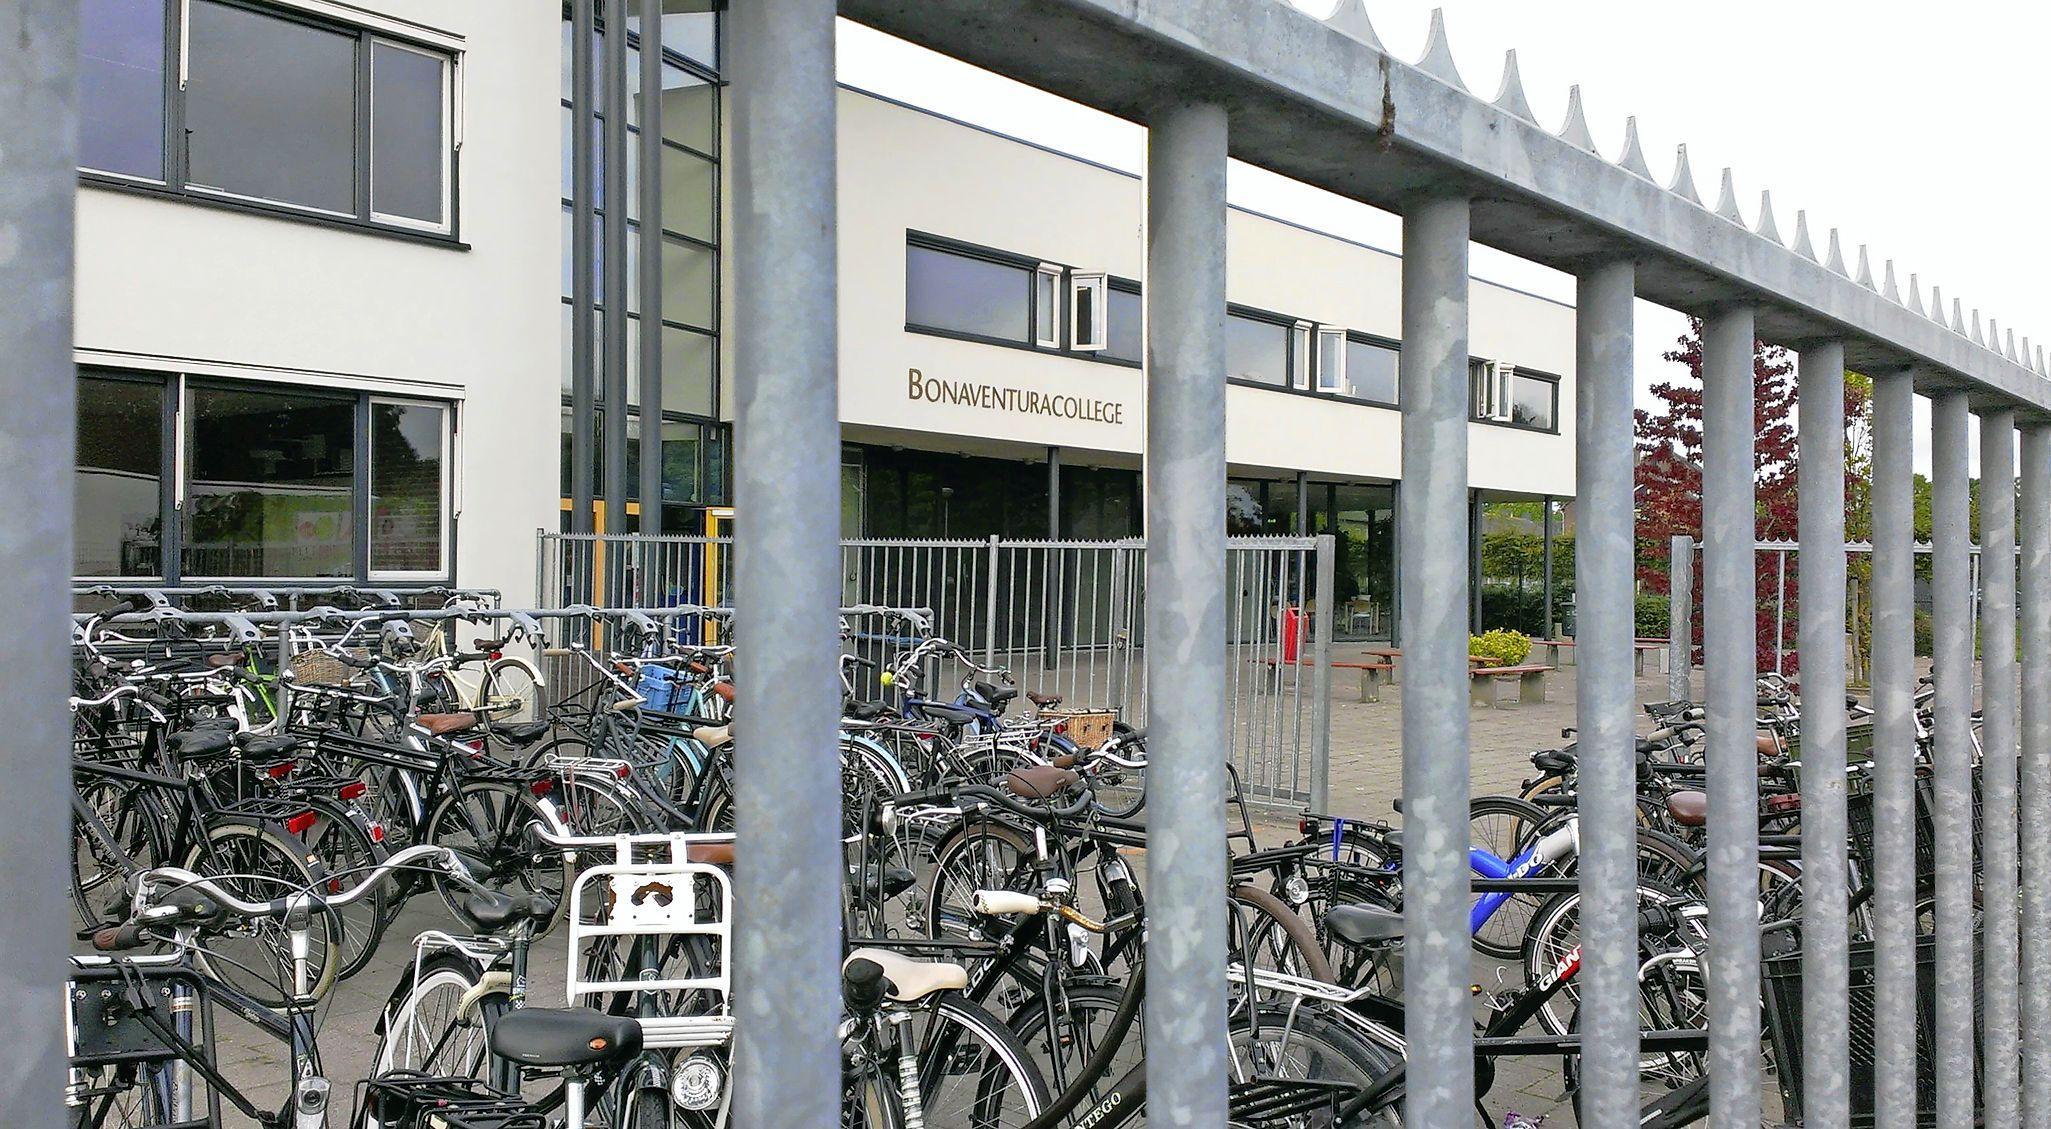 Verkoop Bonaventuracollege Roelofarendsveen is erg dichtbij gekomen en tegelijk ook weer niet